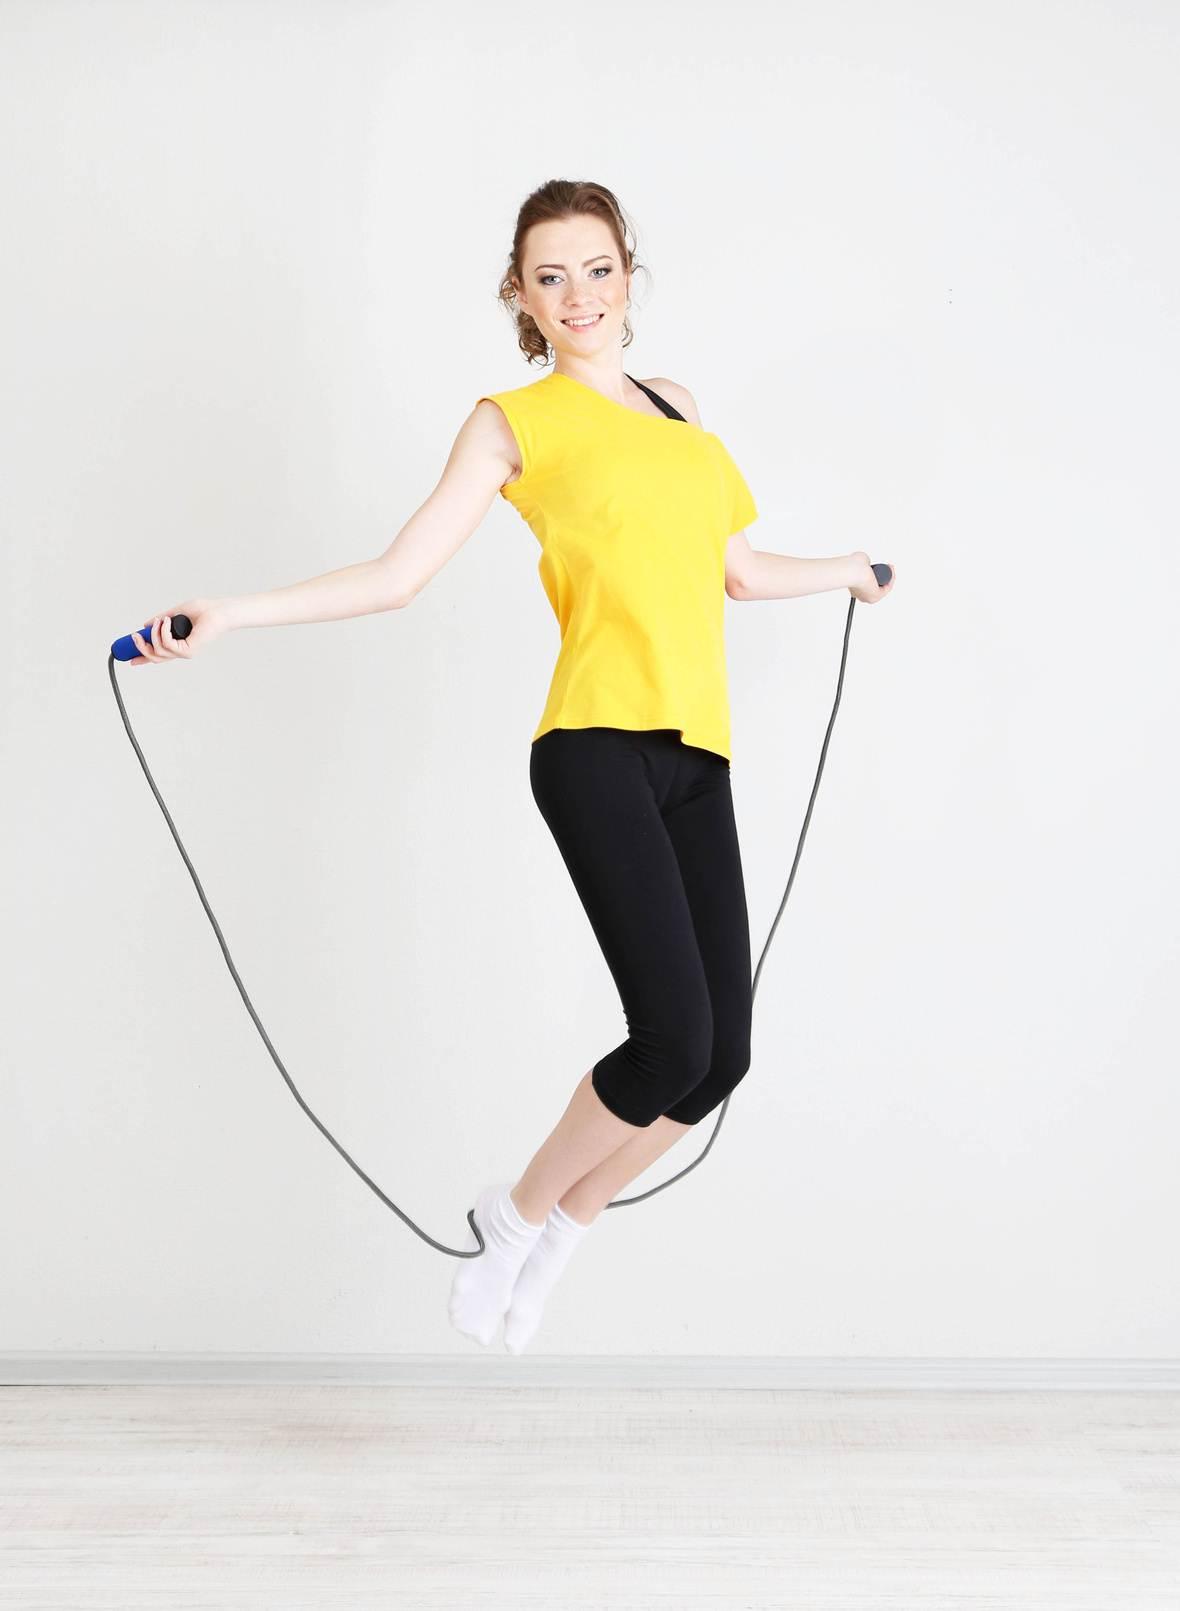 Mulher bonita pulando corda como exercício físico